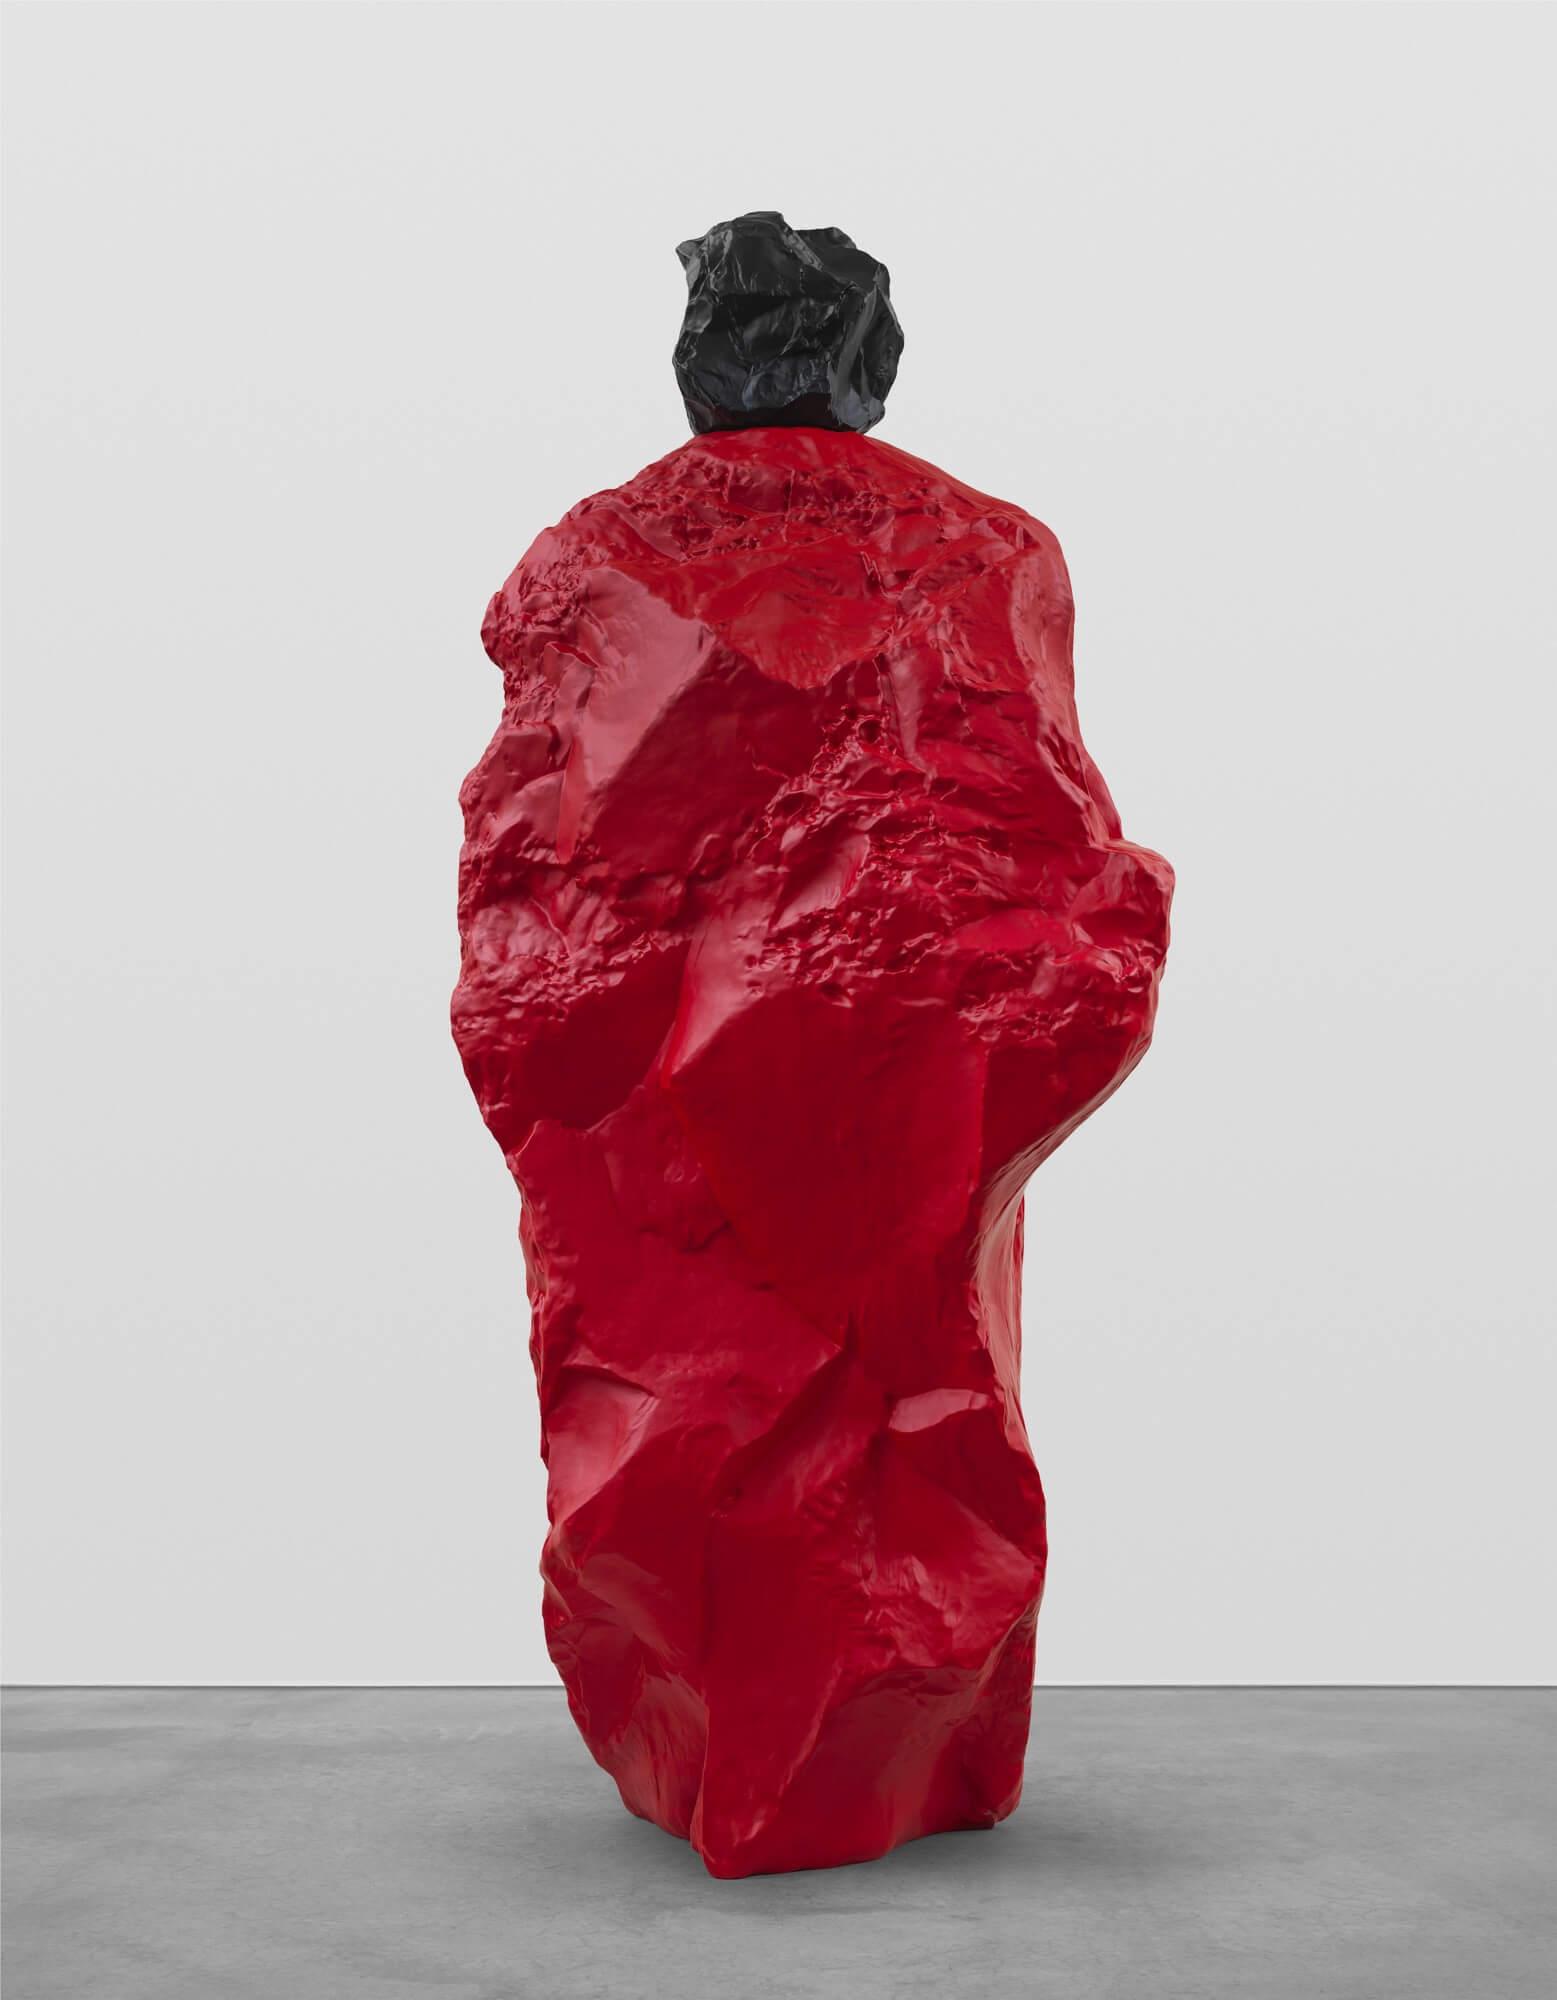 black red nun | UGO RONDINONE